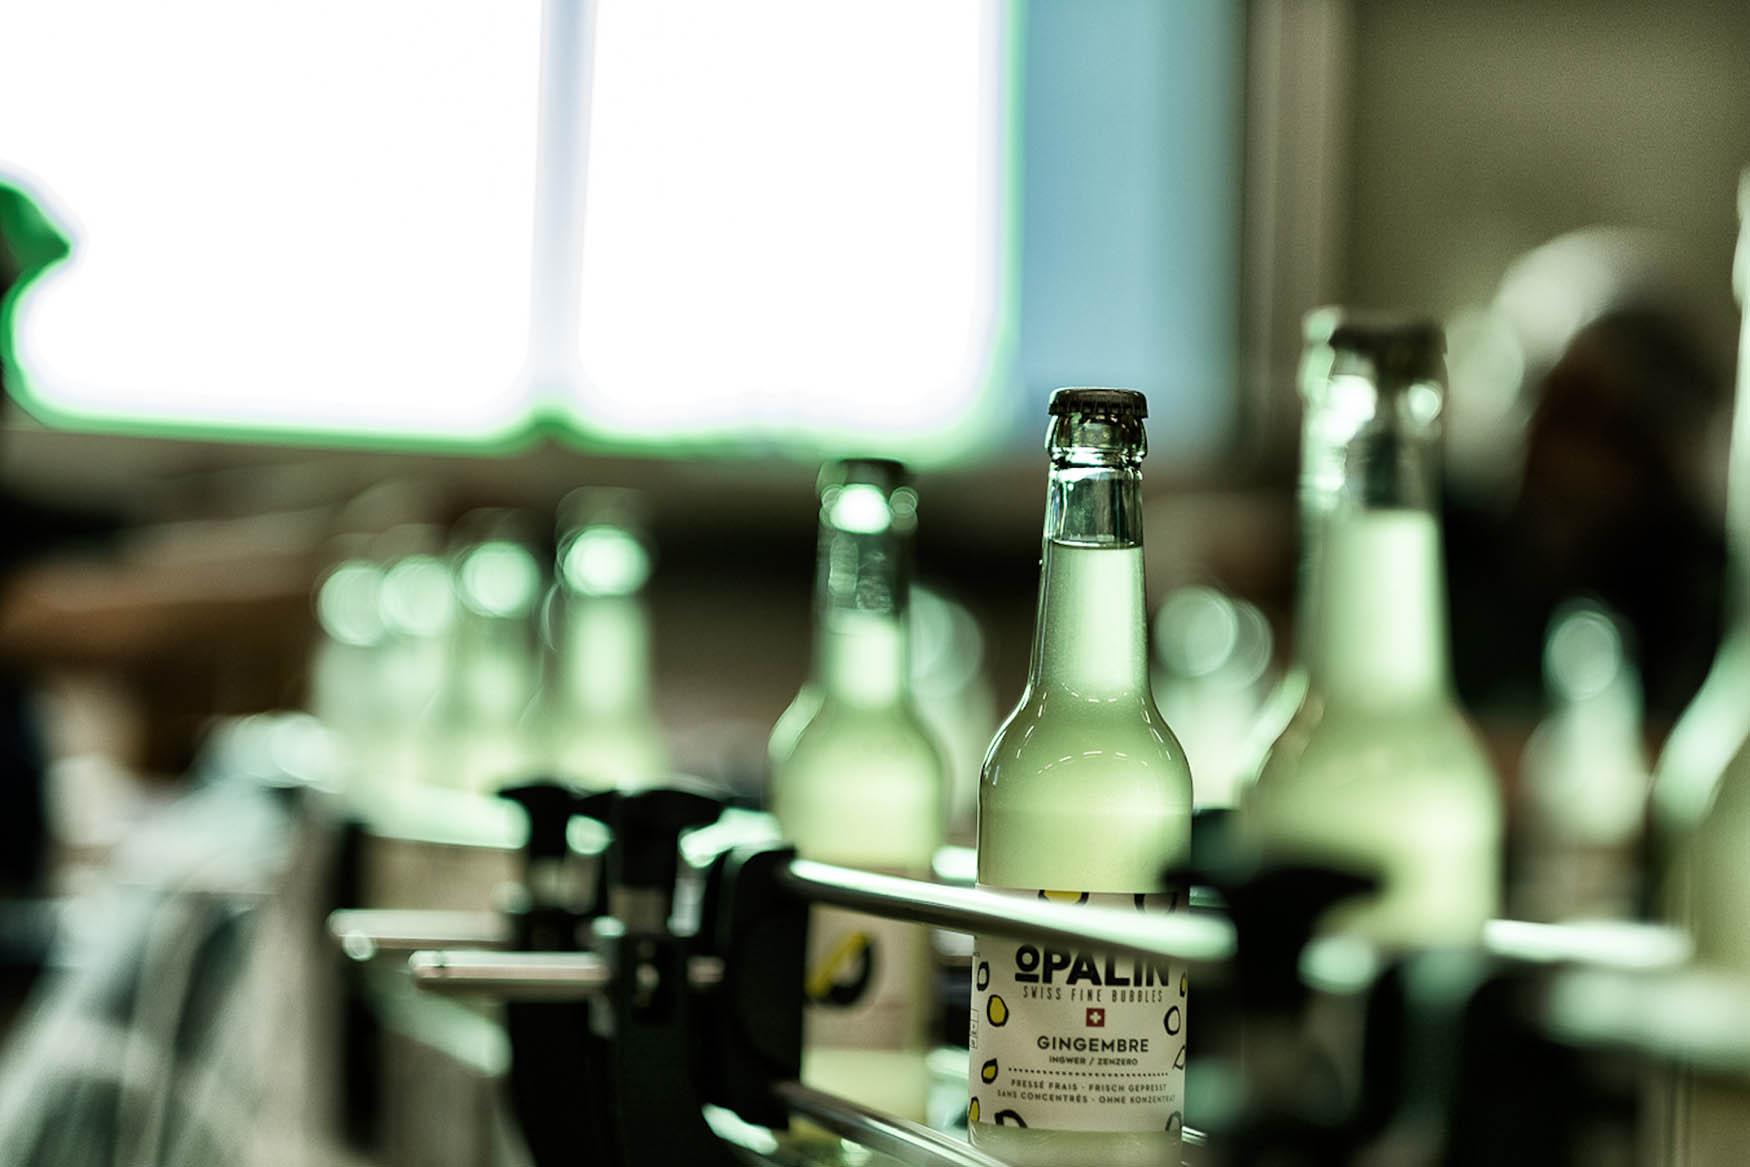 Mise en bouteille par Opaline factory